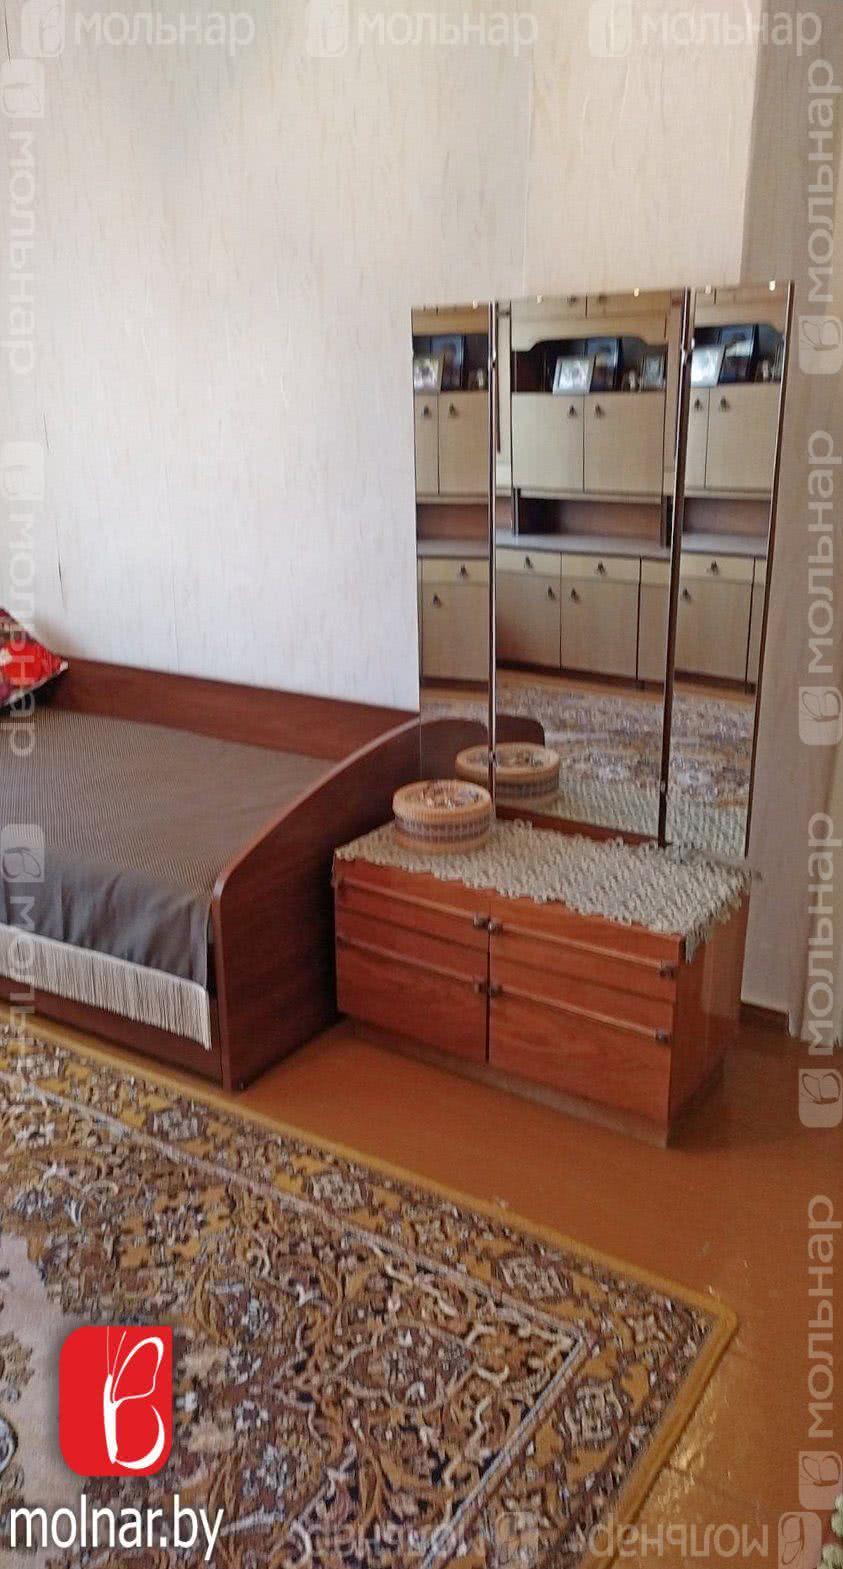 Купить 4-комнатную квартиру в Минске, ул. Центральная, д. 4 - фото 6